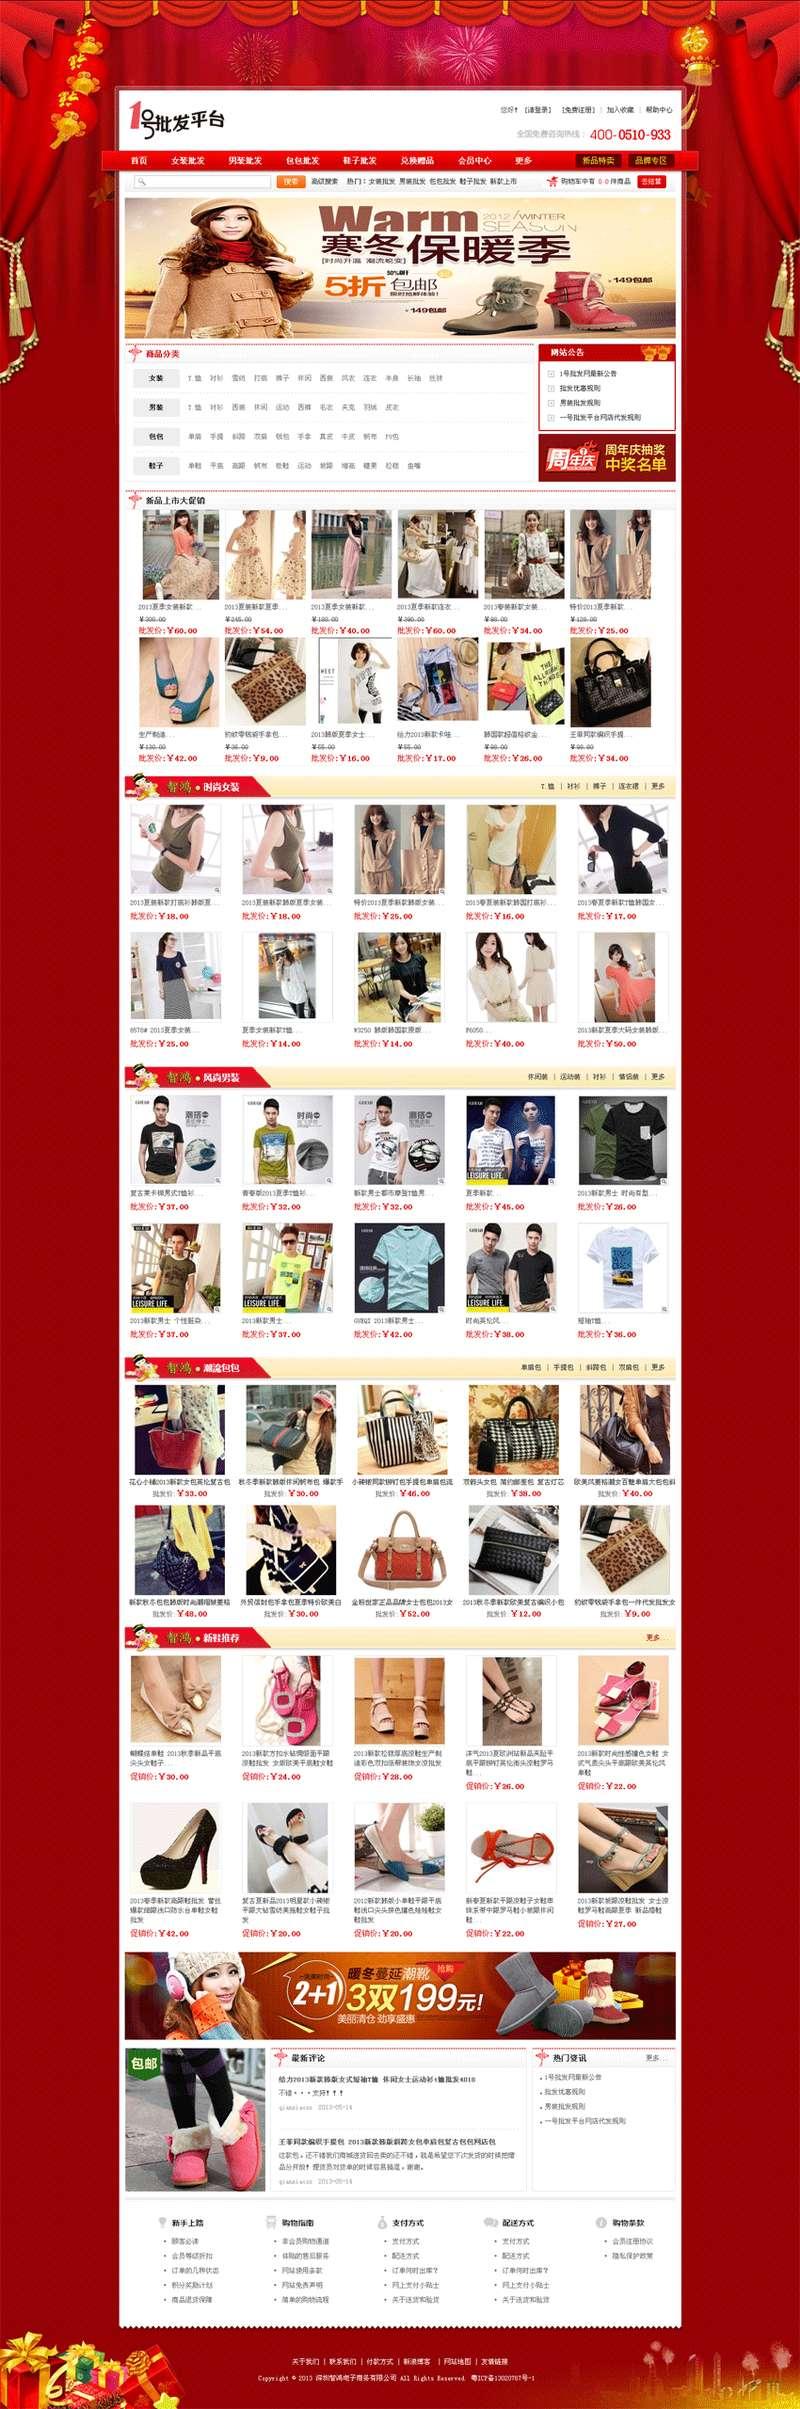 红色的访一号店页面模板